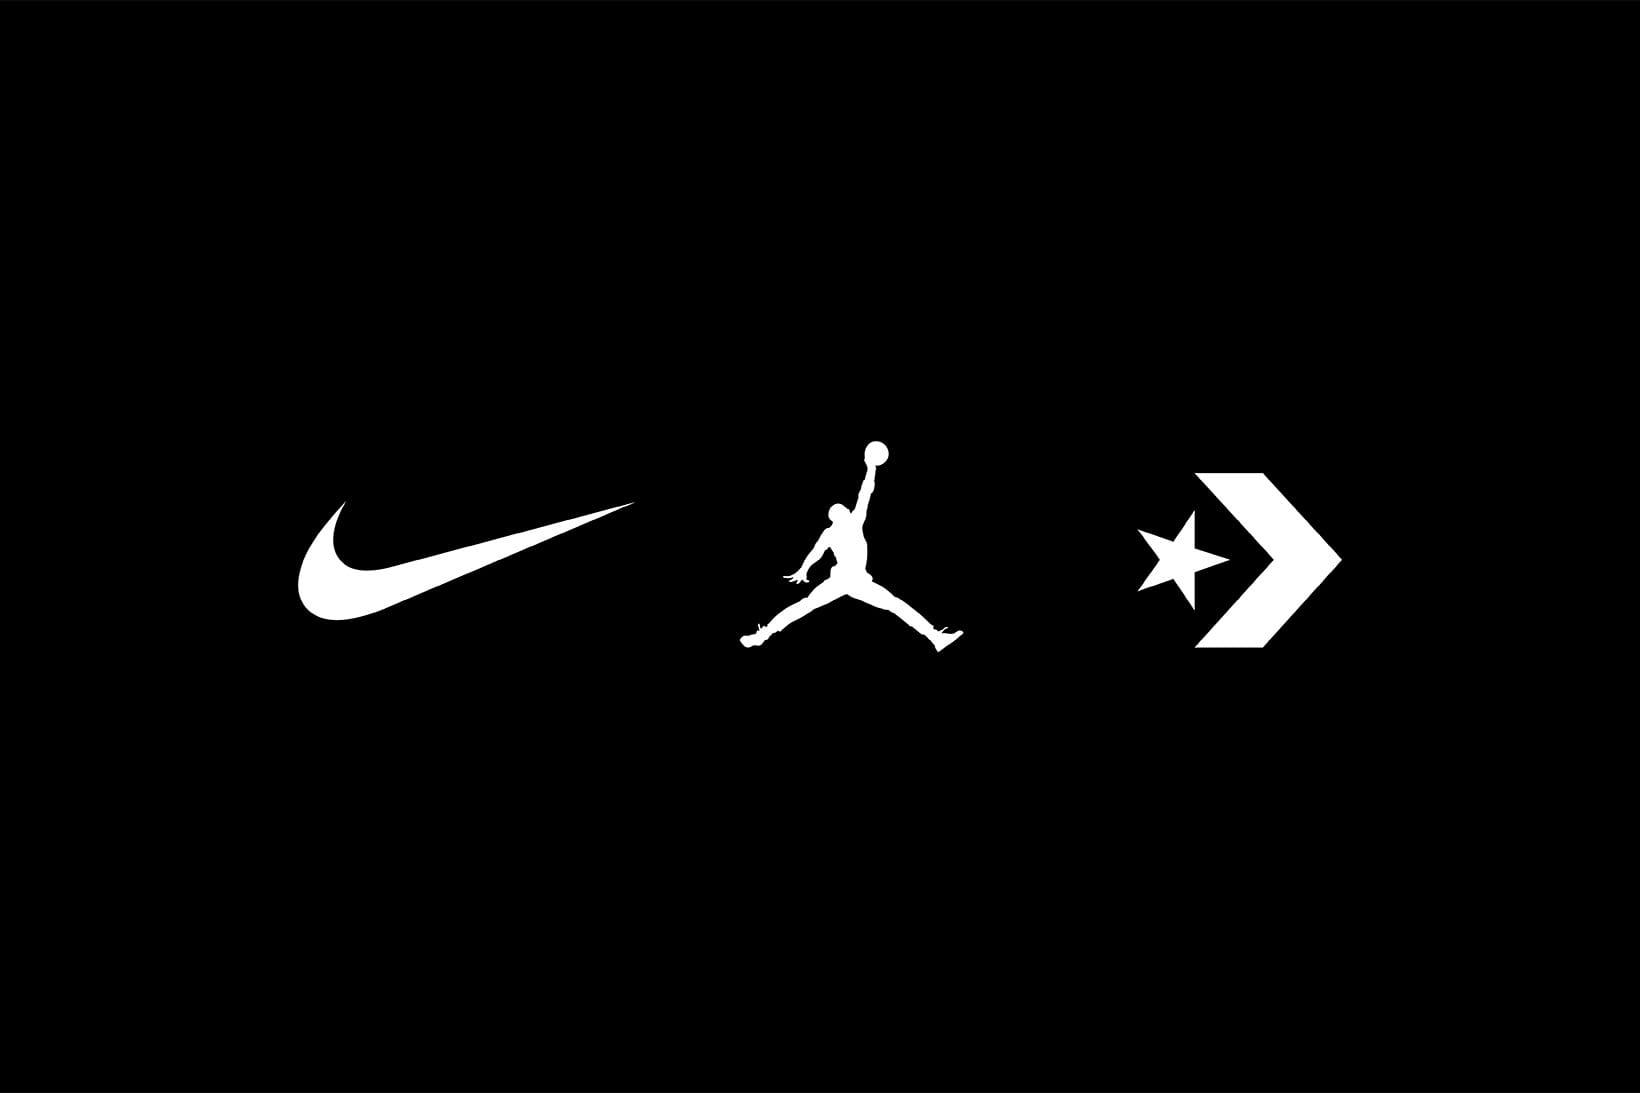 Nike, Jordan Brand \u0026 Converse BLM